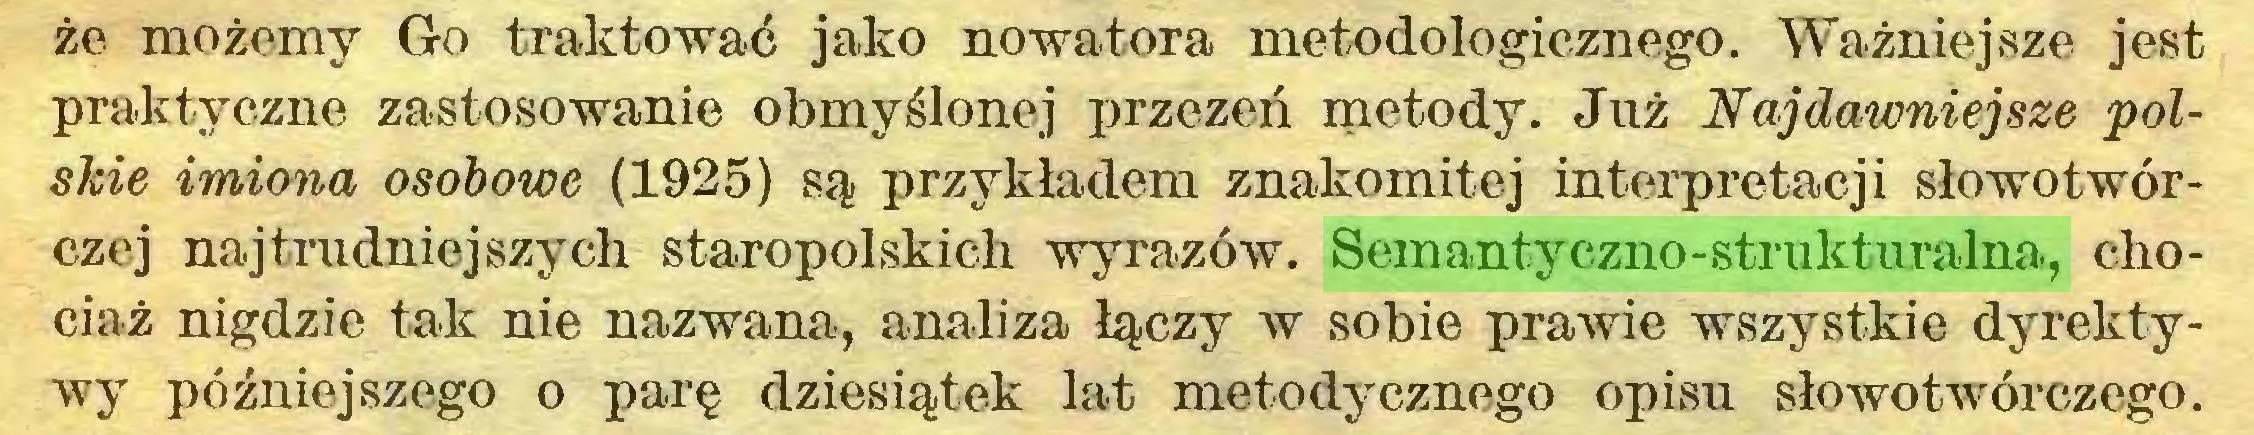 (...) że możemy Go traktować jako nowatora metodologicznego. Ważniejsze jest praktyczne zastosowanie obmyślonej przezeń metody. Już Najdawniejsze polskie imiona osobowe (1925) są przykładem znakomitej interpretacji słowotwórczej najtrudniejszych staropolskich wyrazów. Semantyczno-strukturalna, chociaż nigdzie tak nie nazwana, analiza łączy w sobie prawie wszystkie dyrektywy późniejszego o parę dziesiątek lat metodycznego opisu słowotwórczego...